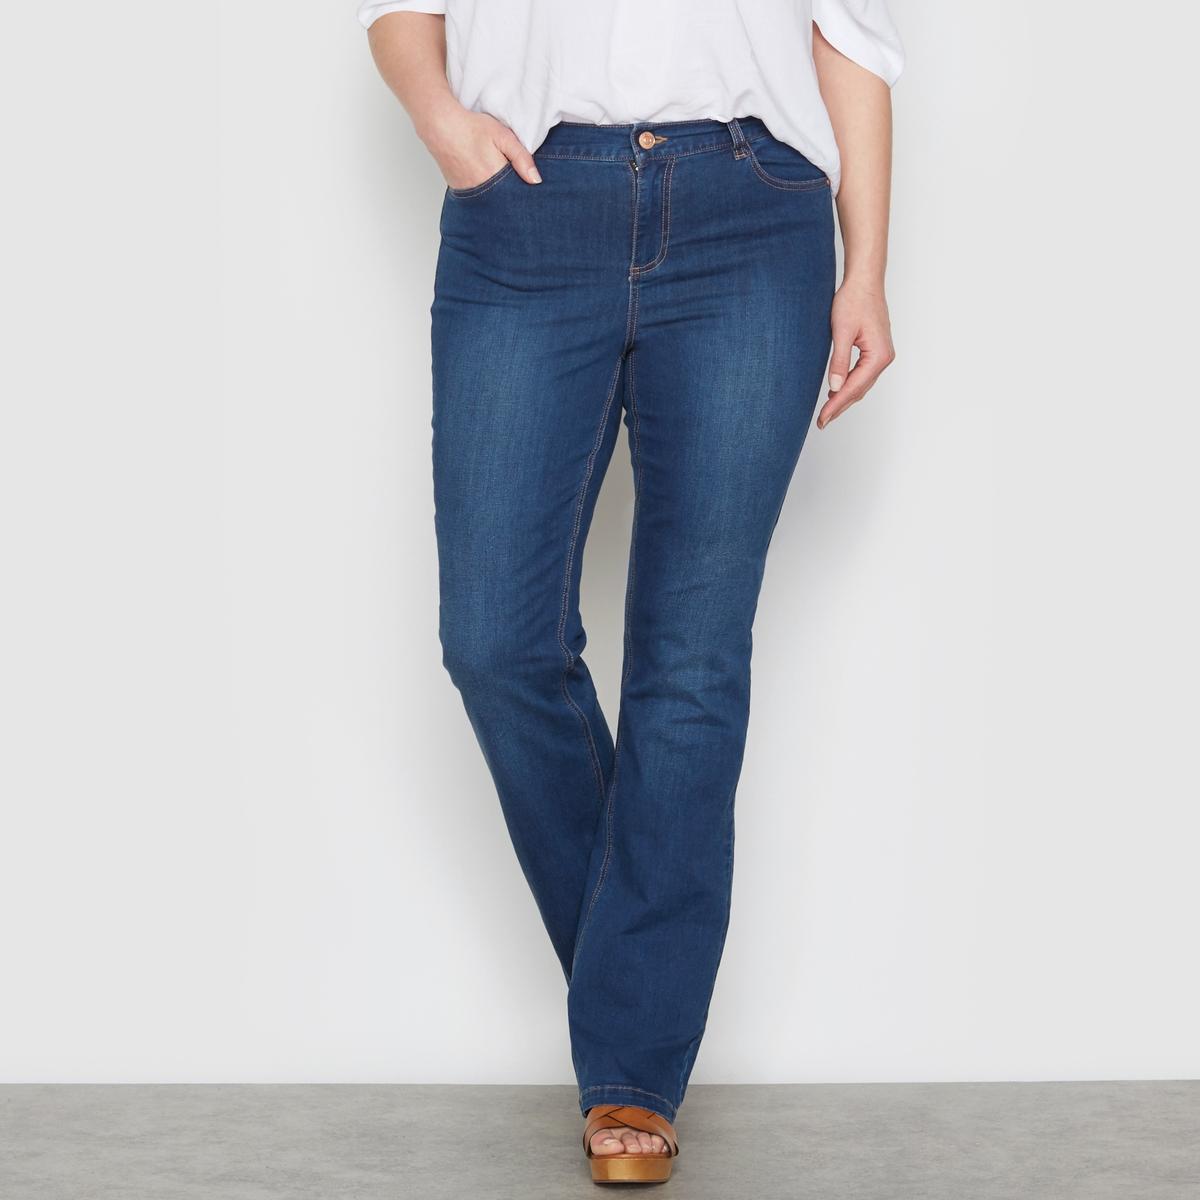 Джинсы стретч бойфренд, длина по внутр.шву ок. 78 смПодчеркивается талия, бедра, ягодицы зрительно округляются: джинсы стретч бойфренд отлично сидят и чрезвычайно удобны! Расклешенный низ. 5 карманов.Рост от 1 м 65 см: длина по внутр.шву ок. 78 см.<br><br>Цвет: голубой потертый,синий потертый,темно-синий,черный<br>Размер: 44 (FR) - 50 (RUS).50 (FR) - 56 (RUS).54 (FR) - 60 (RUS).56 (FR) - 62 (RUS).52 (FR) - 58 (RUS).54 (FR) - 60 (RUS).44 (FR) - 50 (RUS).46 (FR) - 52 (RUS).50 (FR) - 56 (RUS).56 (FR) - 62 (RUS).58 (FR) - 64 (RUS).54 (FR) - 60 (RUS)